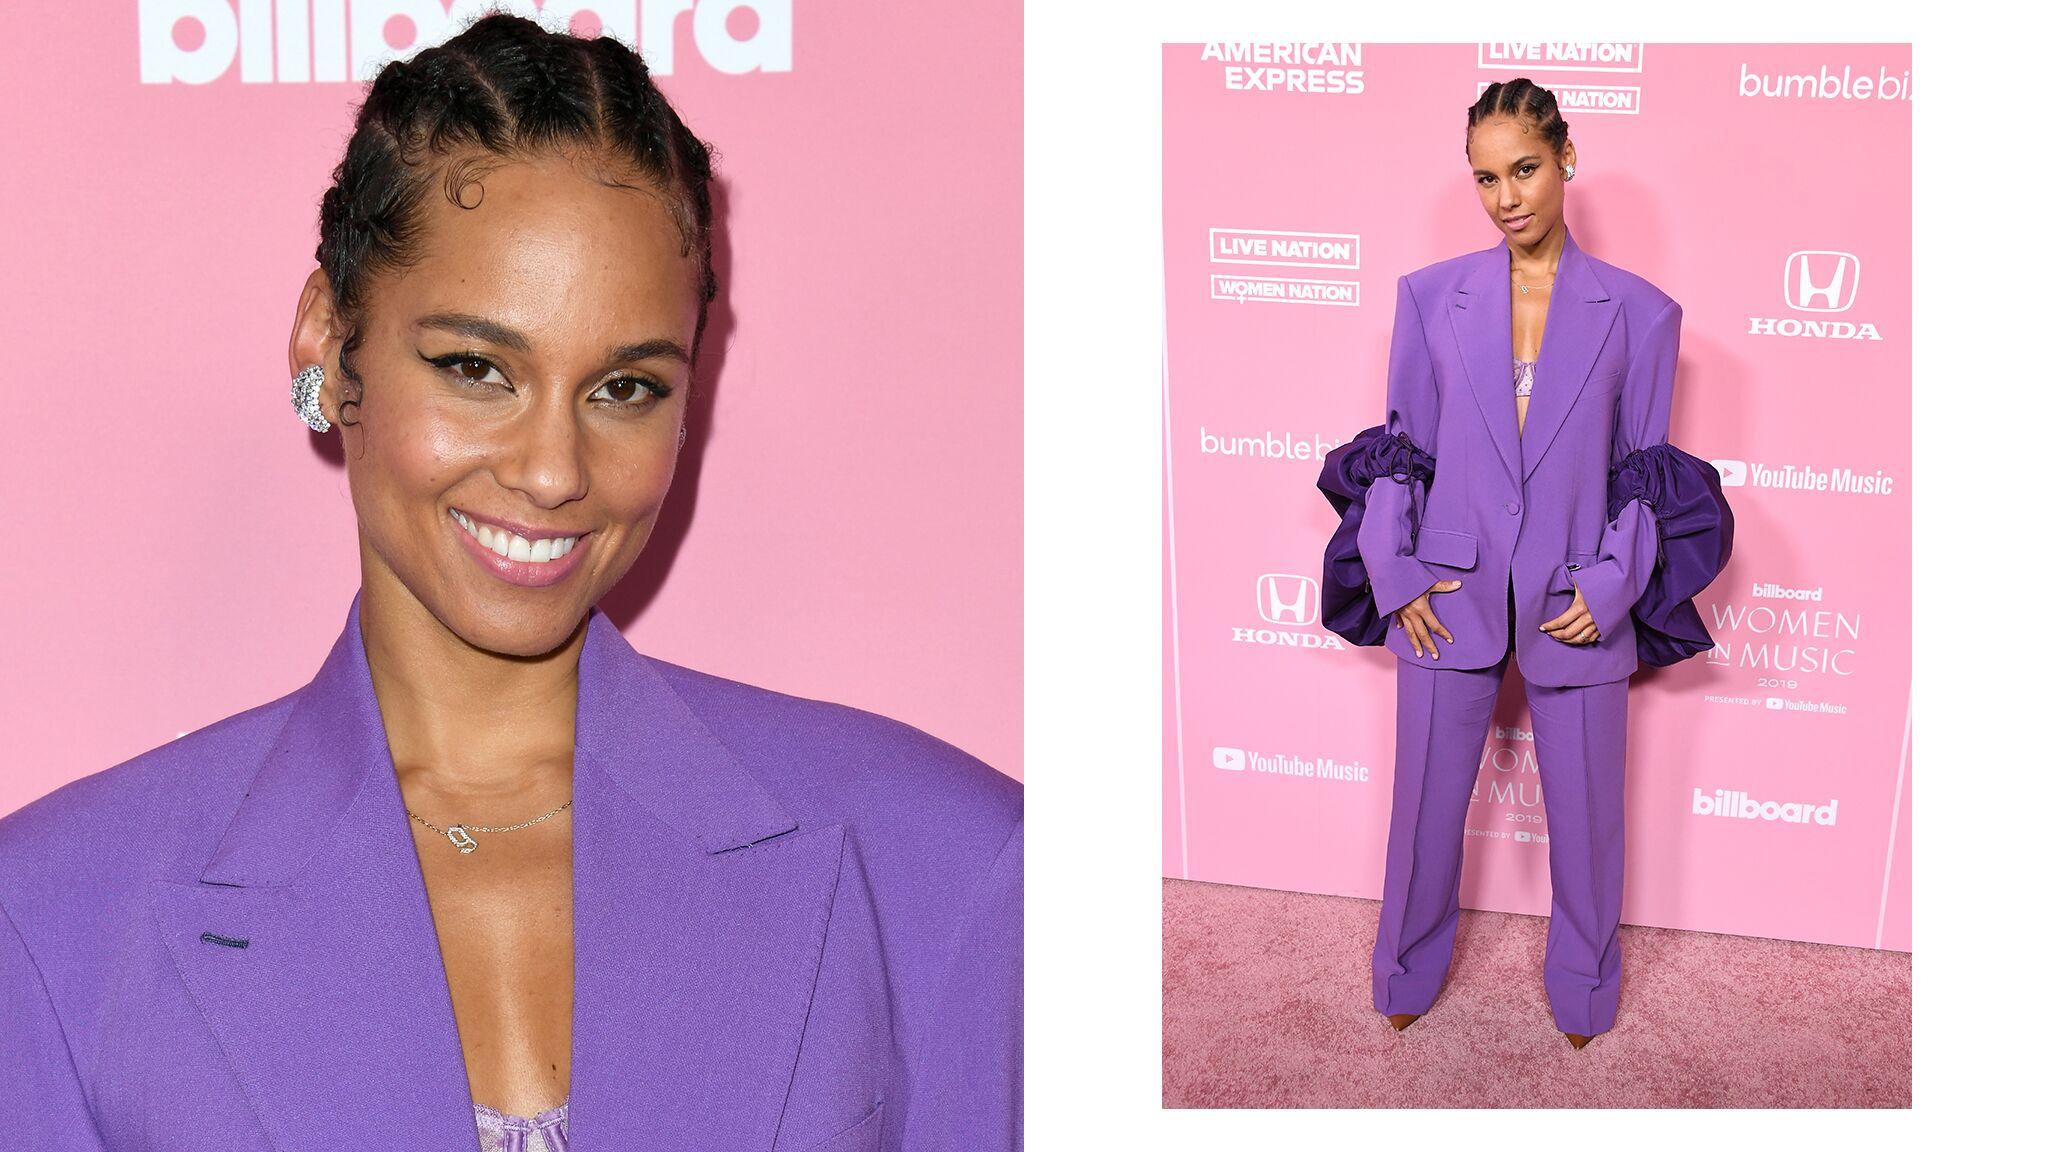 Alicia Keys a 39 ans : retour sur son évolution beauté engagée!